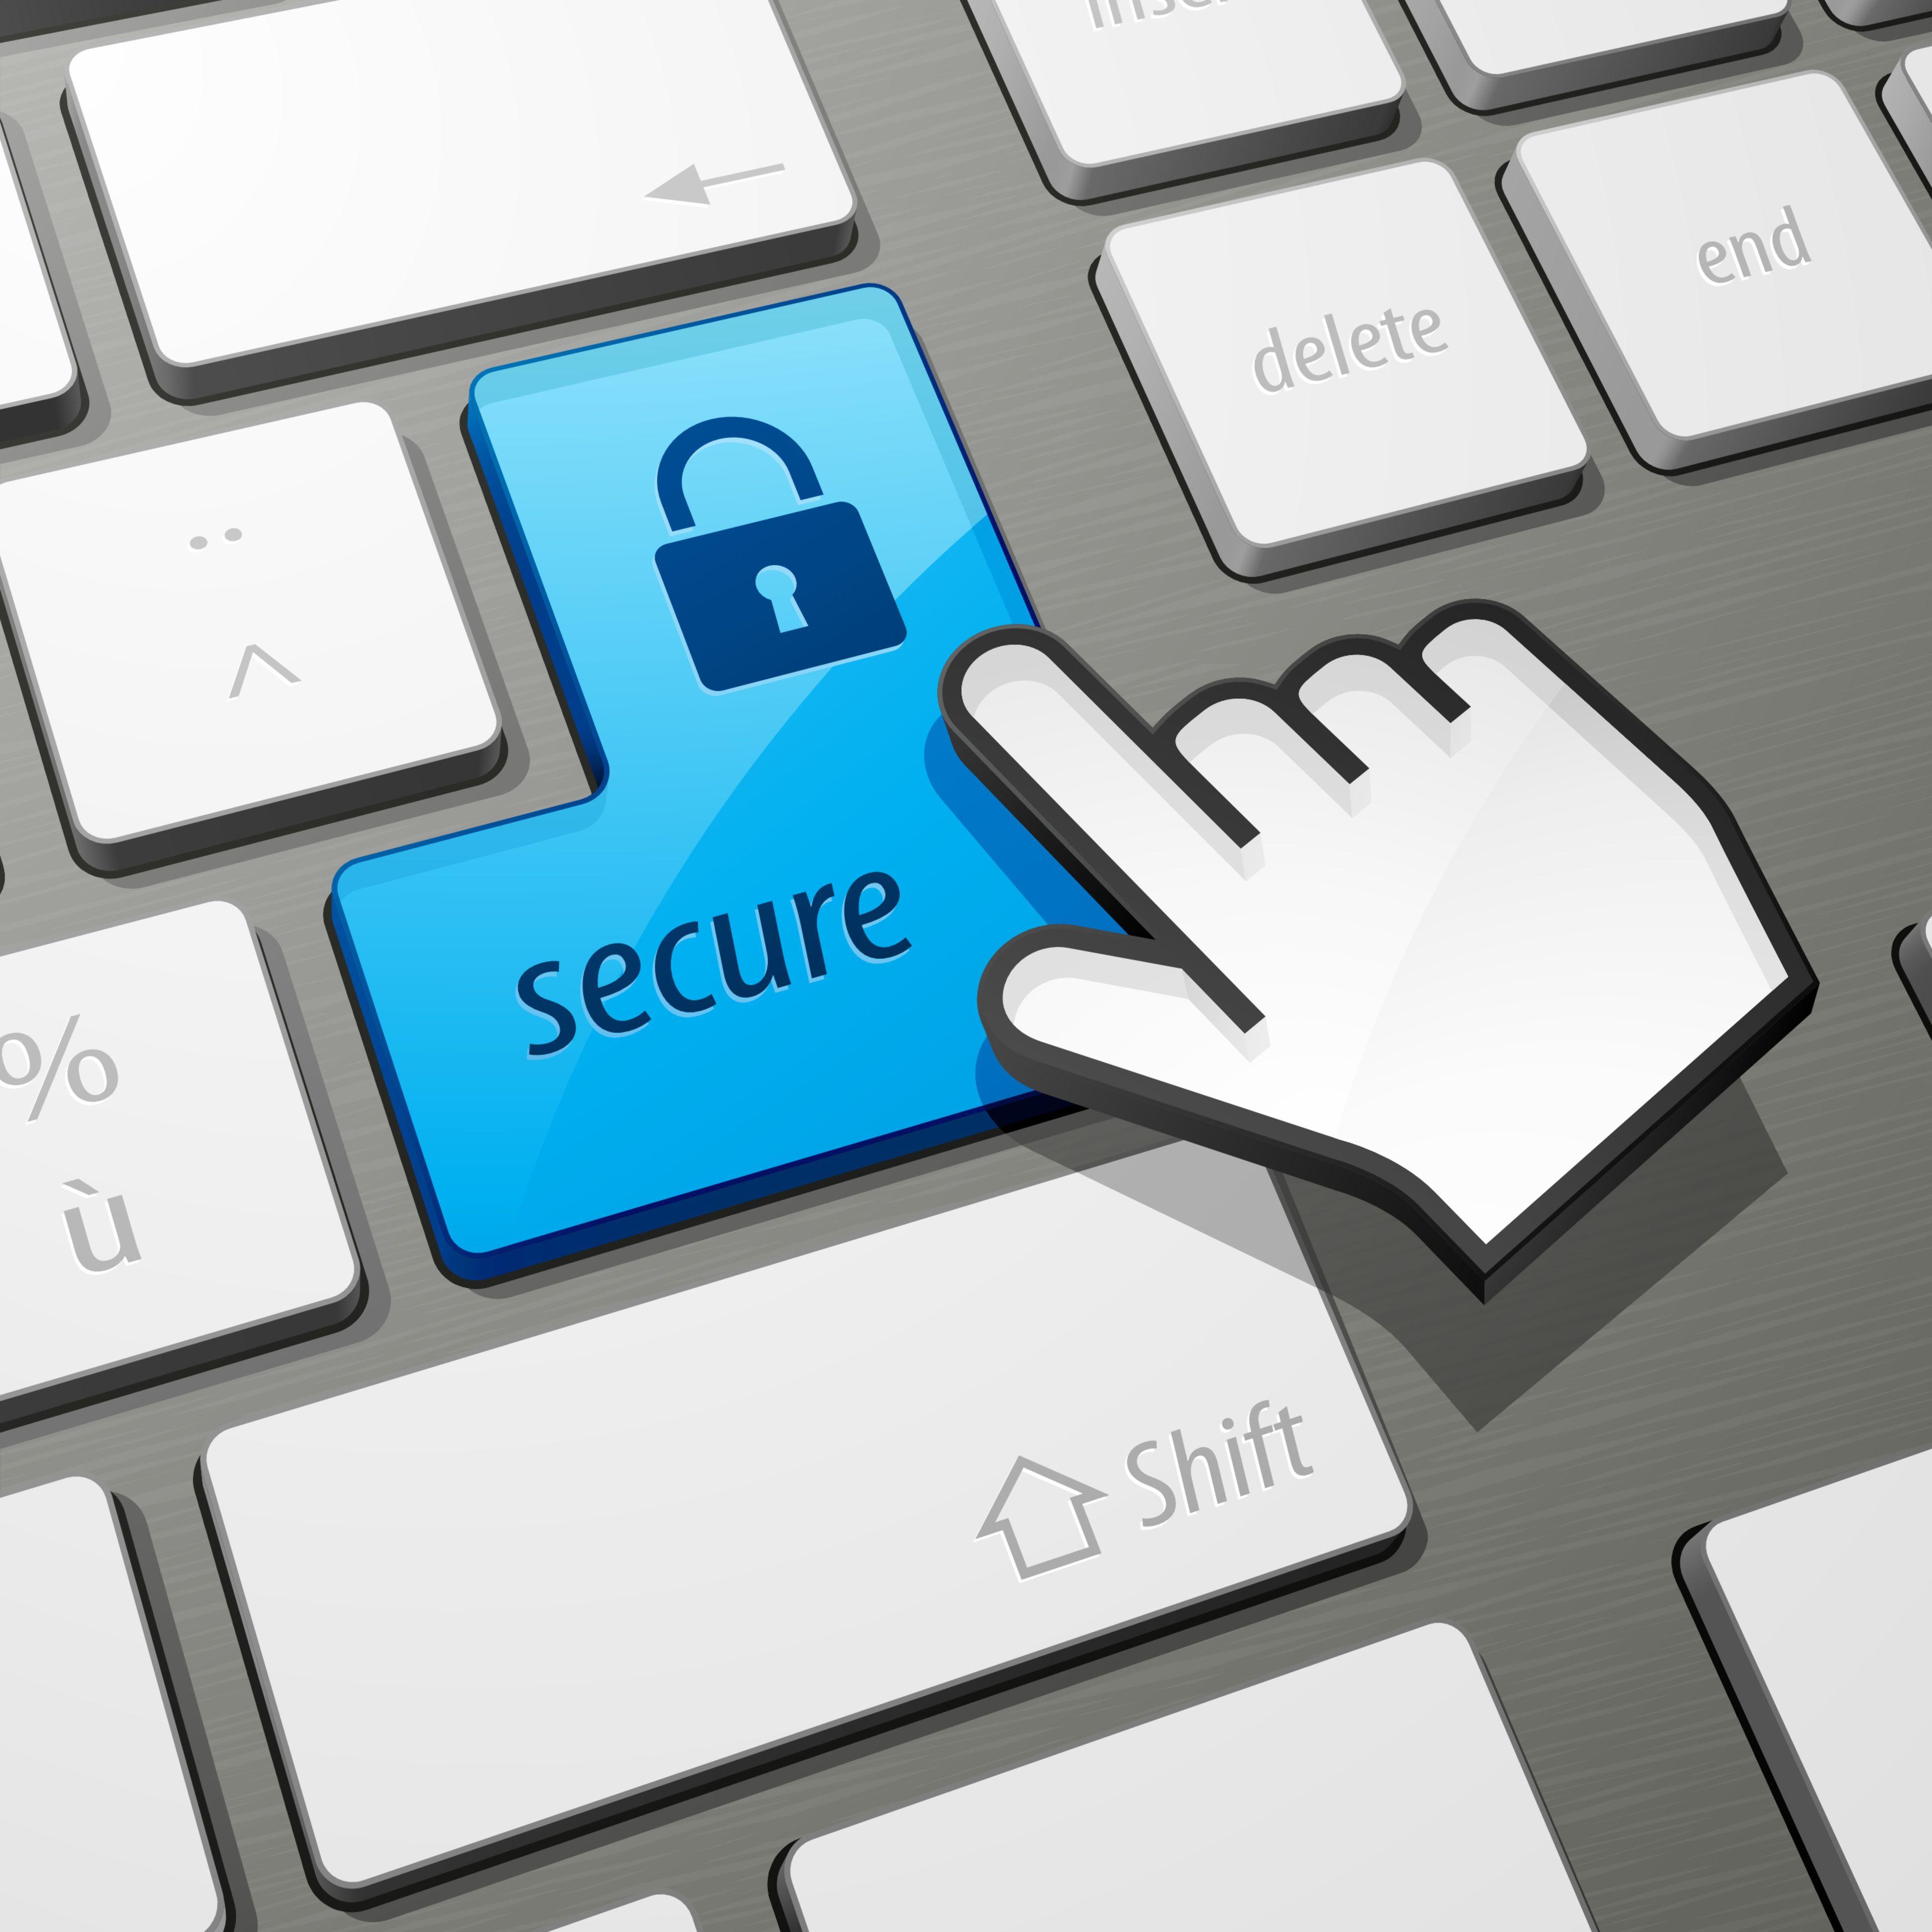 clavier-sécurité-©-Beboy-Fotolia